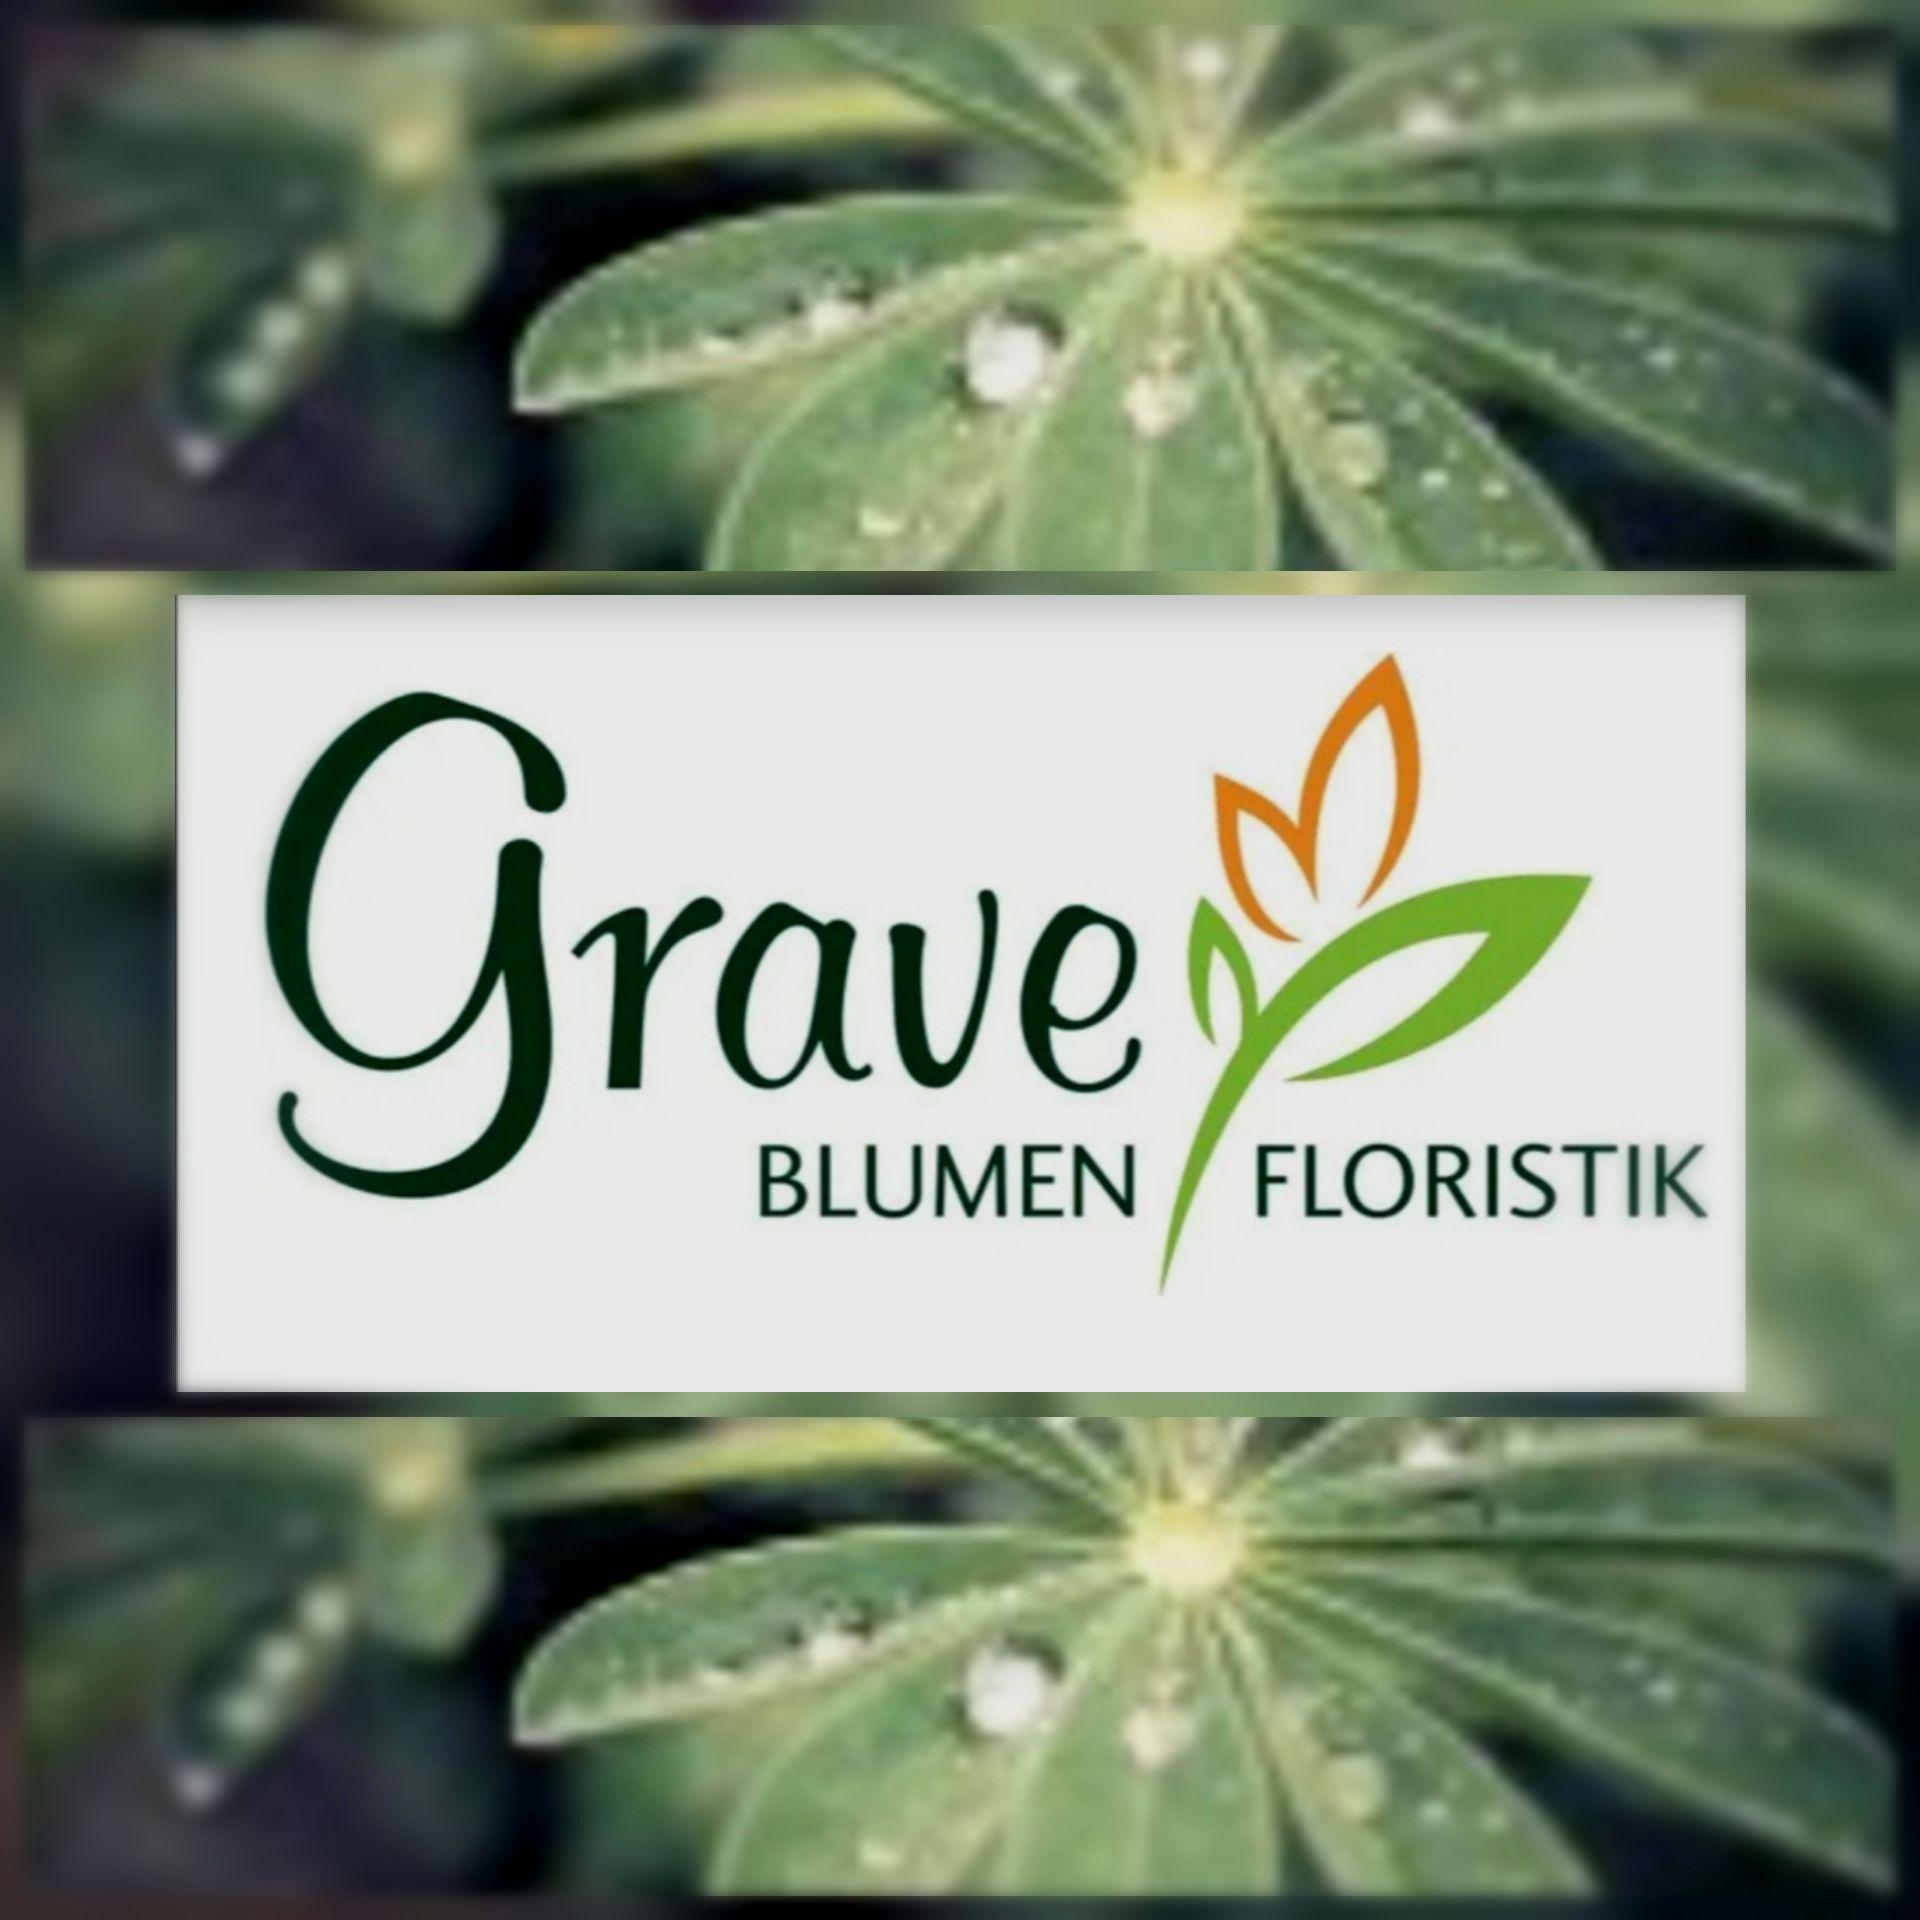 Blumen und Floristik Grave